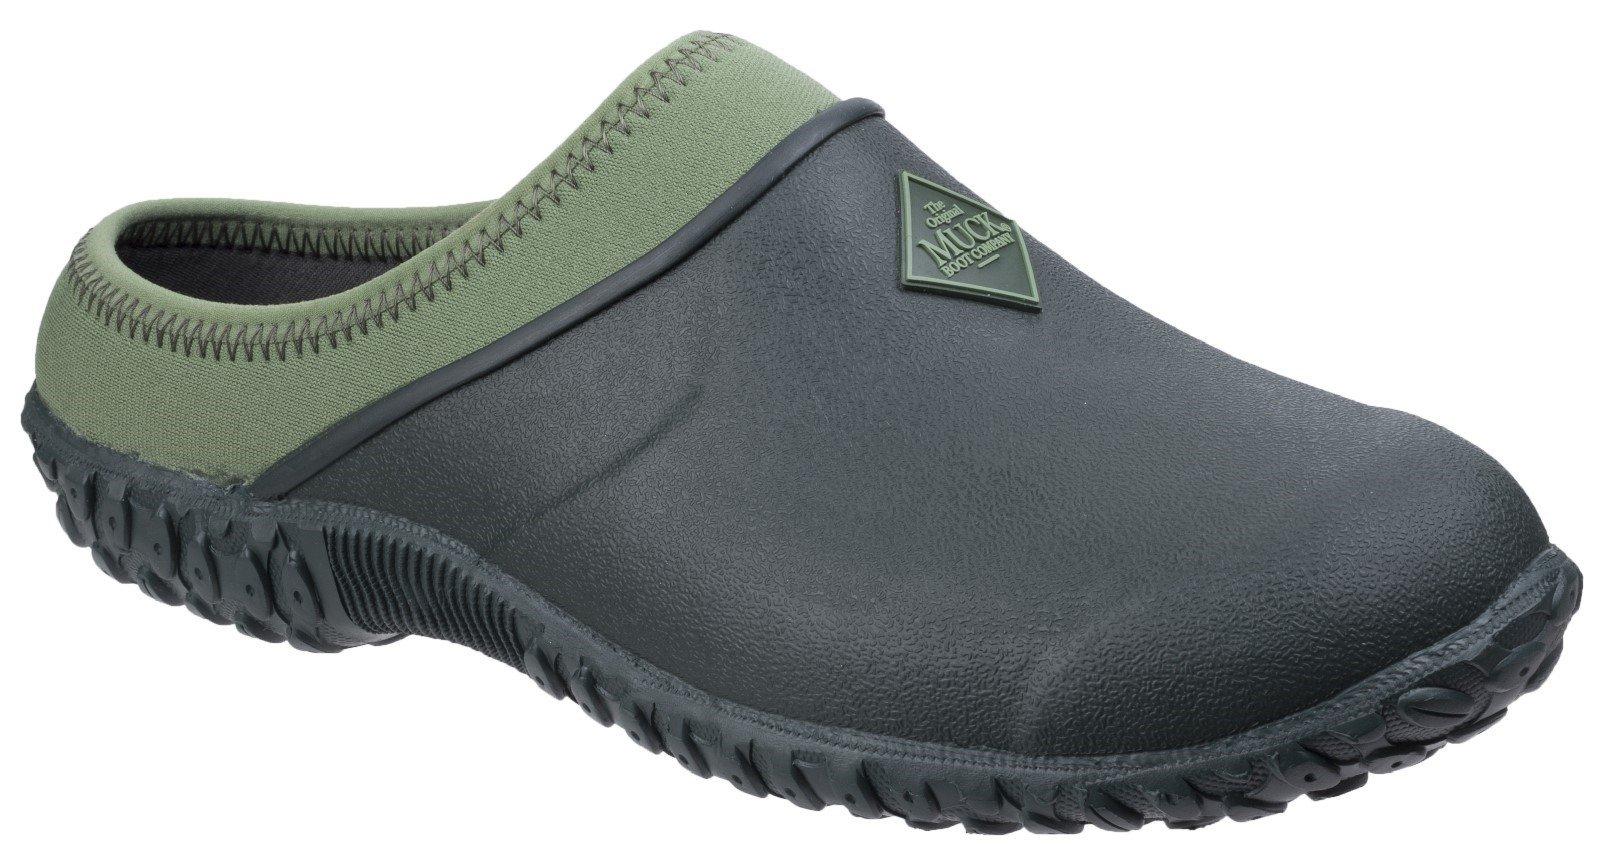 Muck Boots Women's Muckster II Gardening Clog Black Moss 26774 - Black/Moss 3